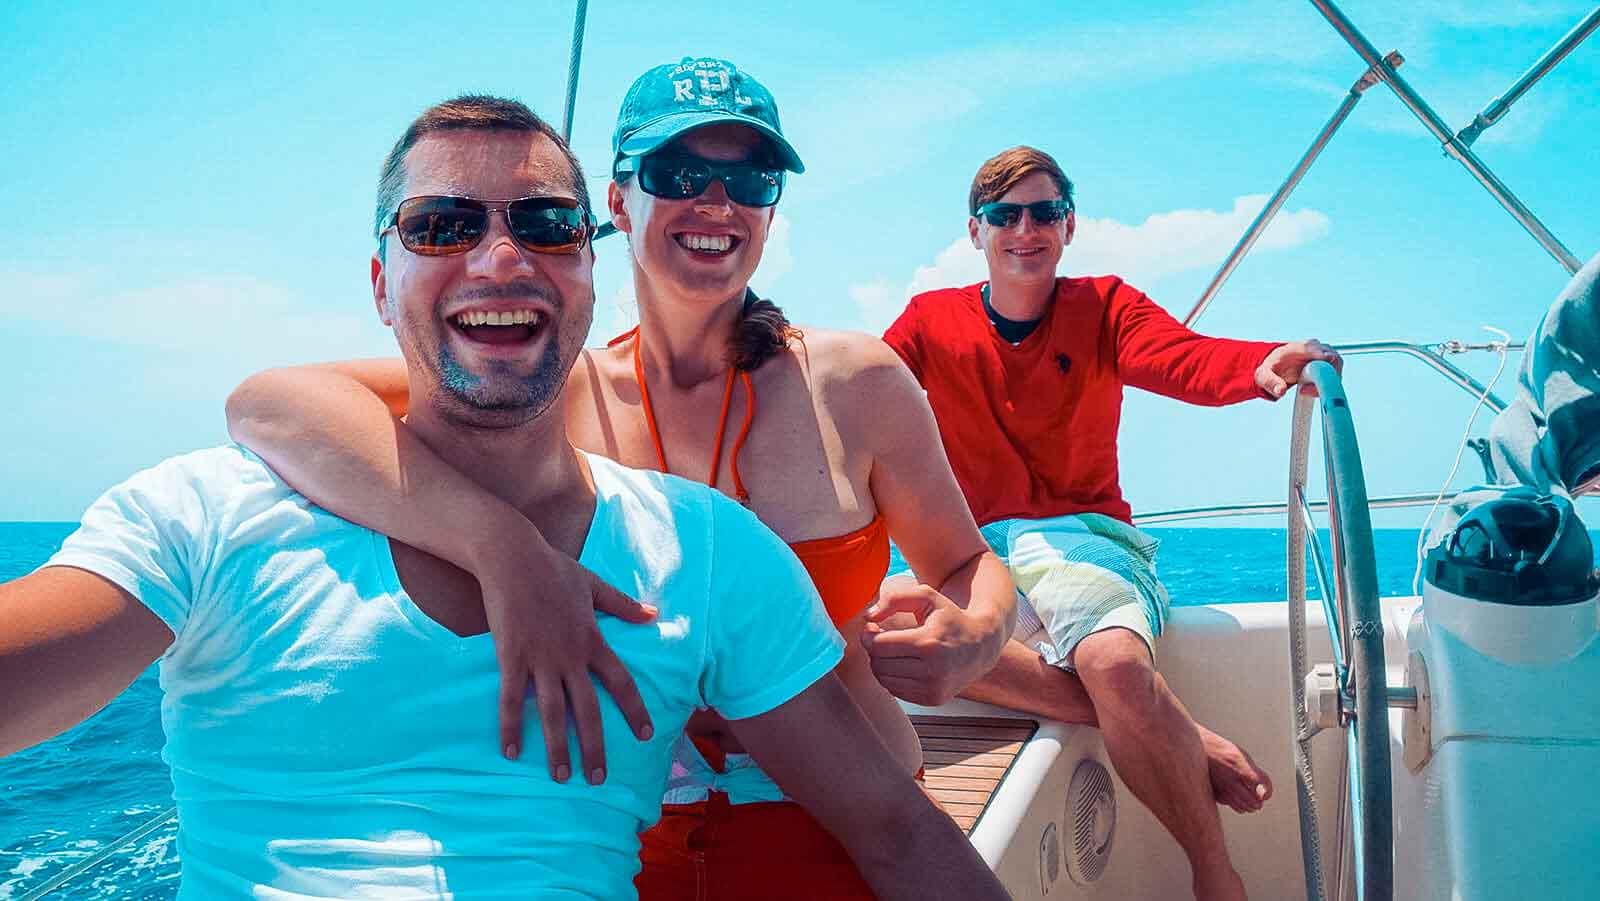 Findet Gleichgesinnte und neue Freunde auf deinem Segelurlaub | sailwithus